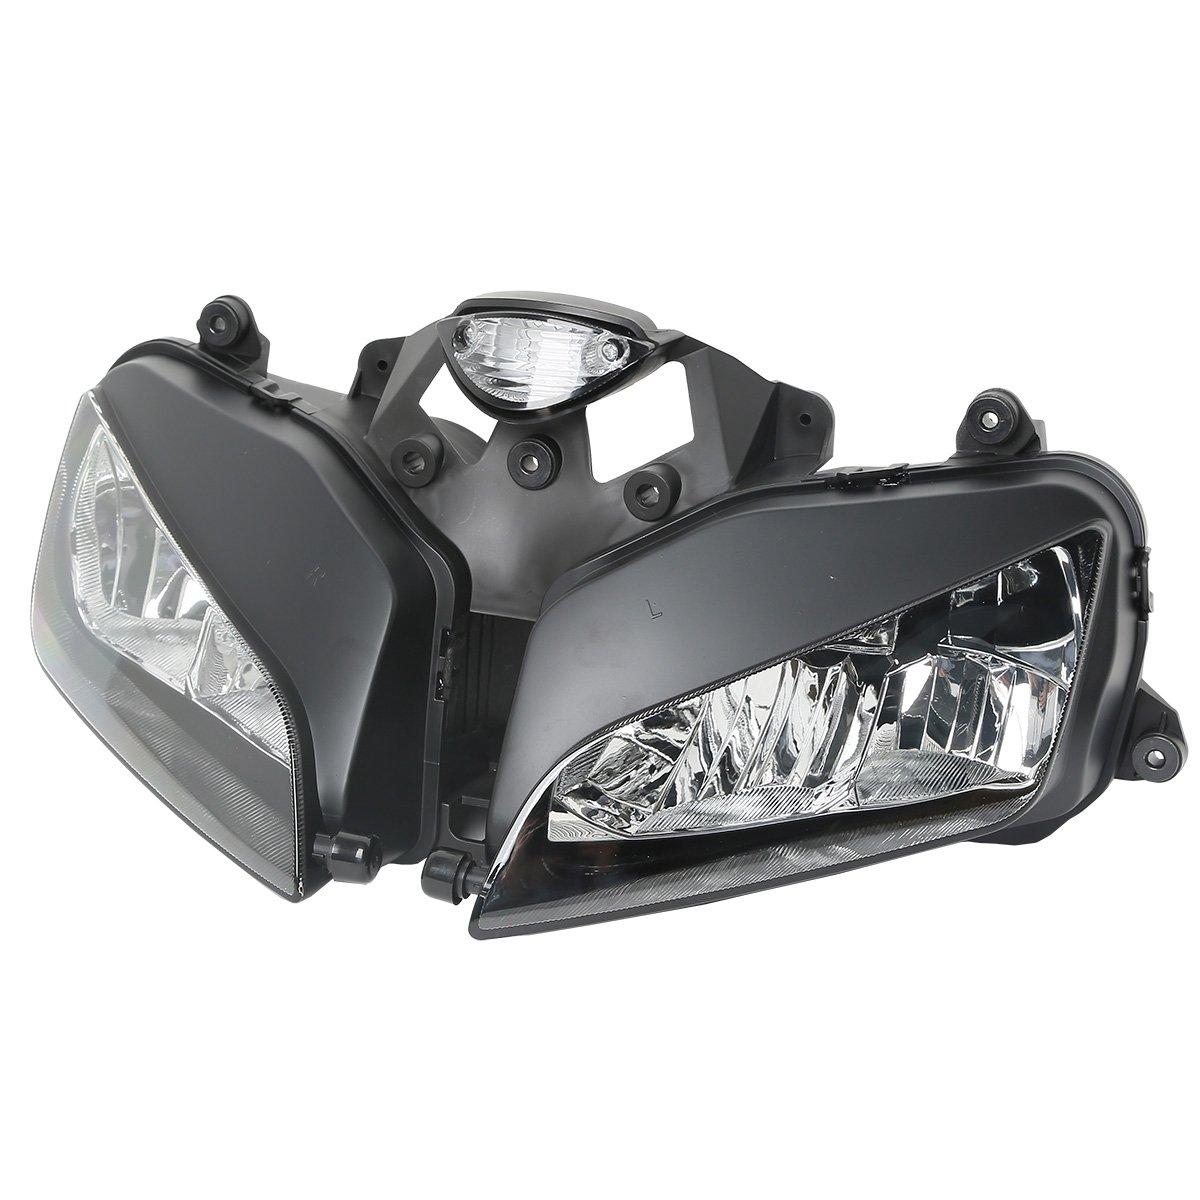 XFMT Motorcycle Headlight Front Light Lamp Assembly For HONDA CBR 600RR CBR600RR 2003-2006